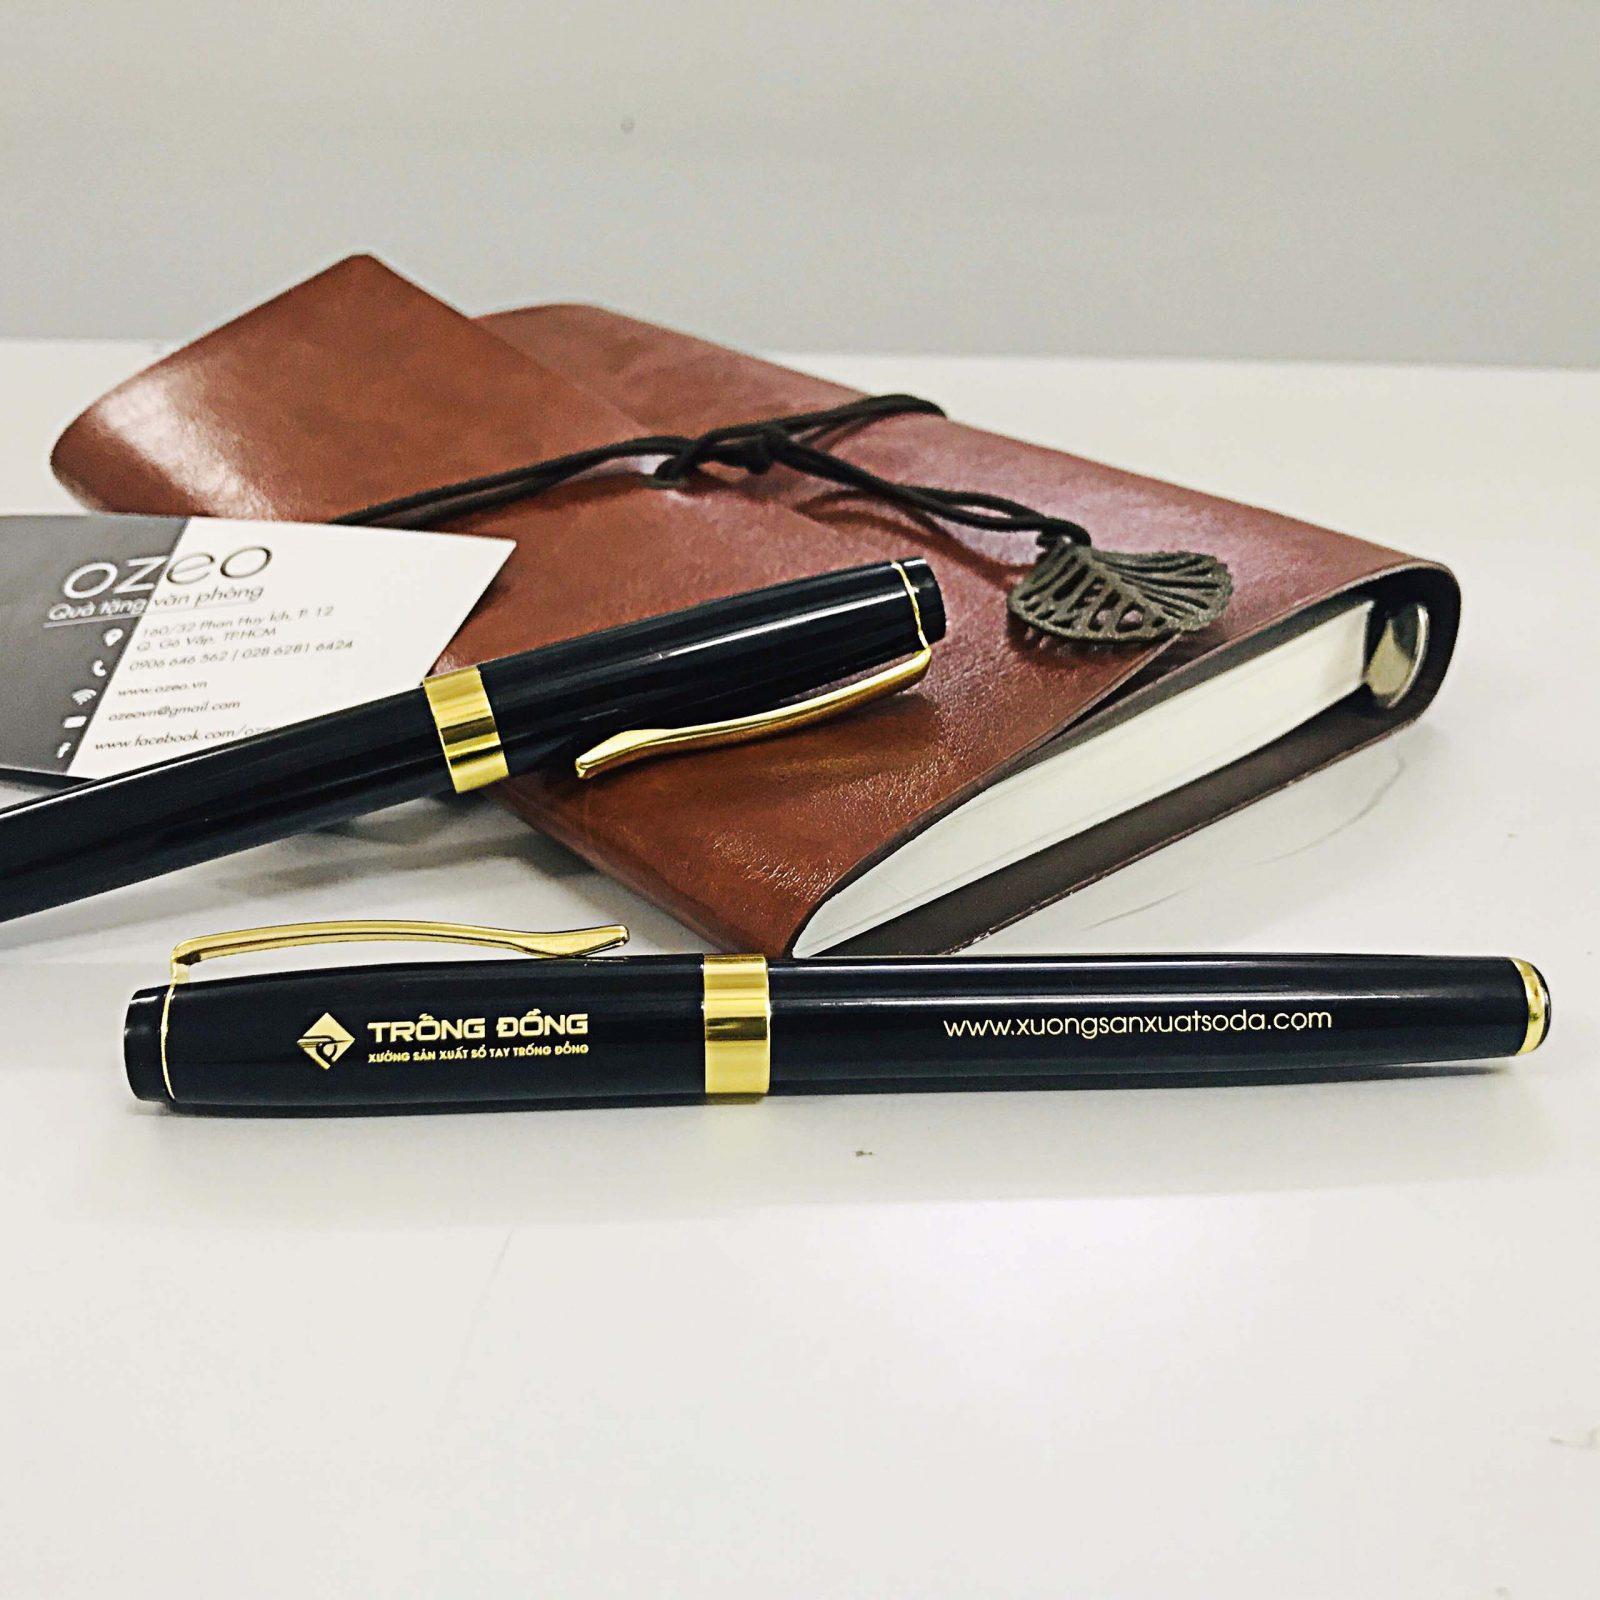 Bút ký BK011 - bút kim loại khắc tên, khắc logo theo yêu cầu làm quà tặng